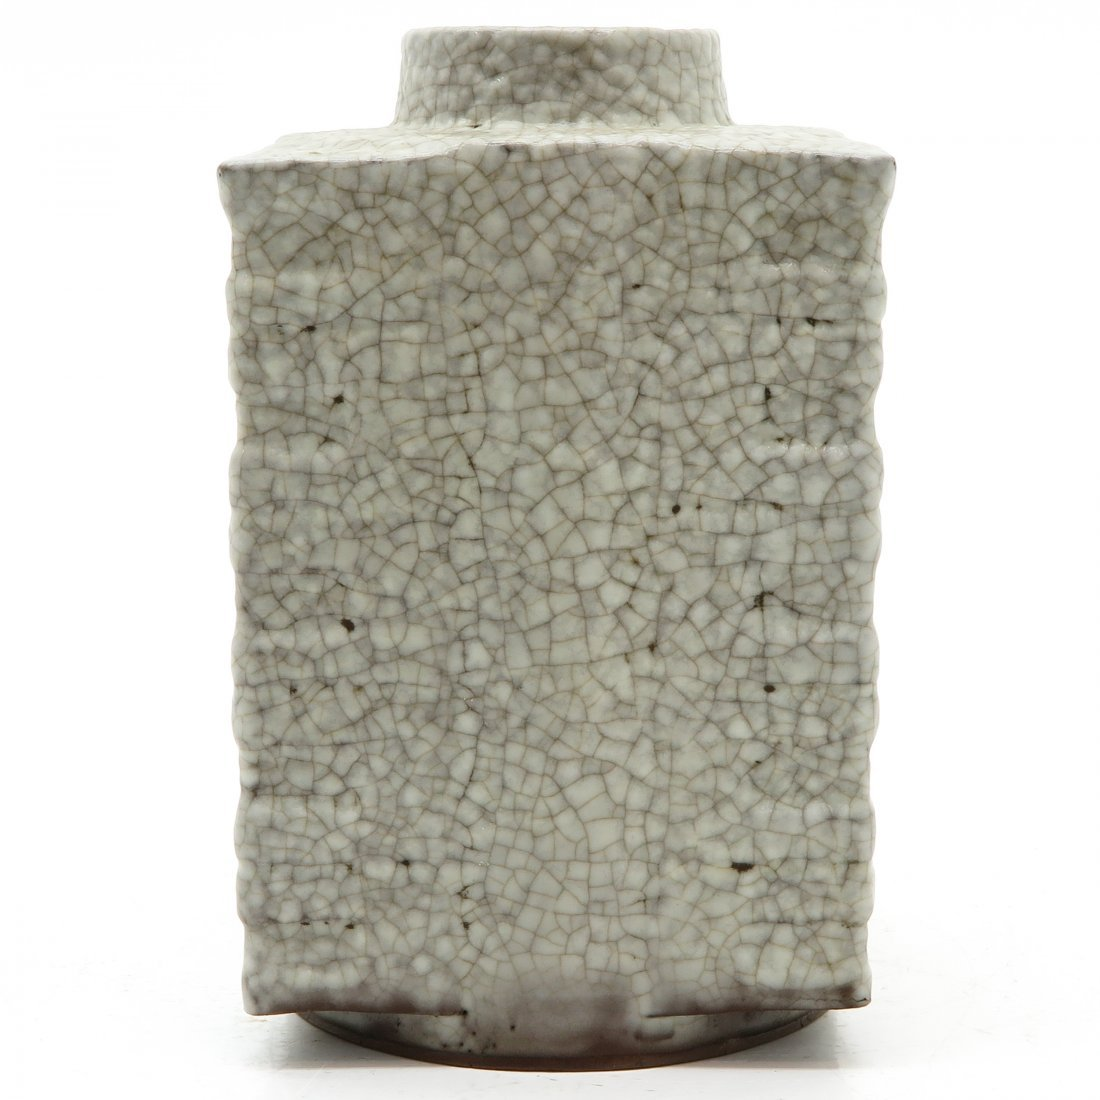 China Porcelain Crackleware Decor Vase